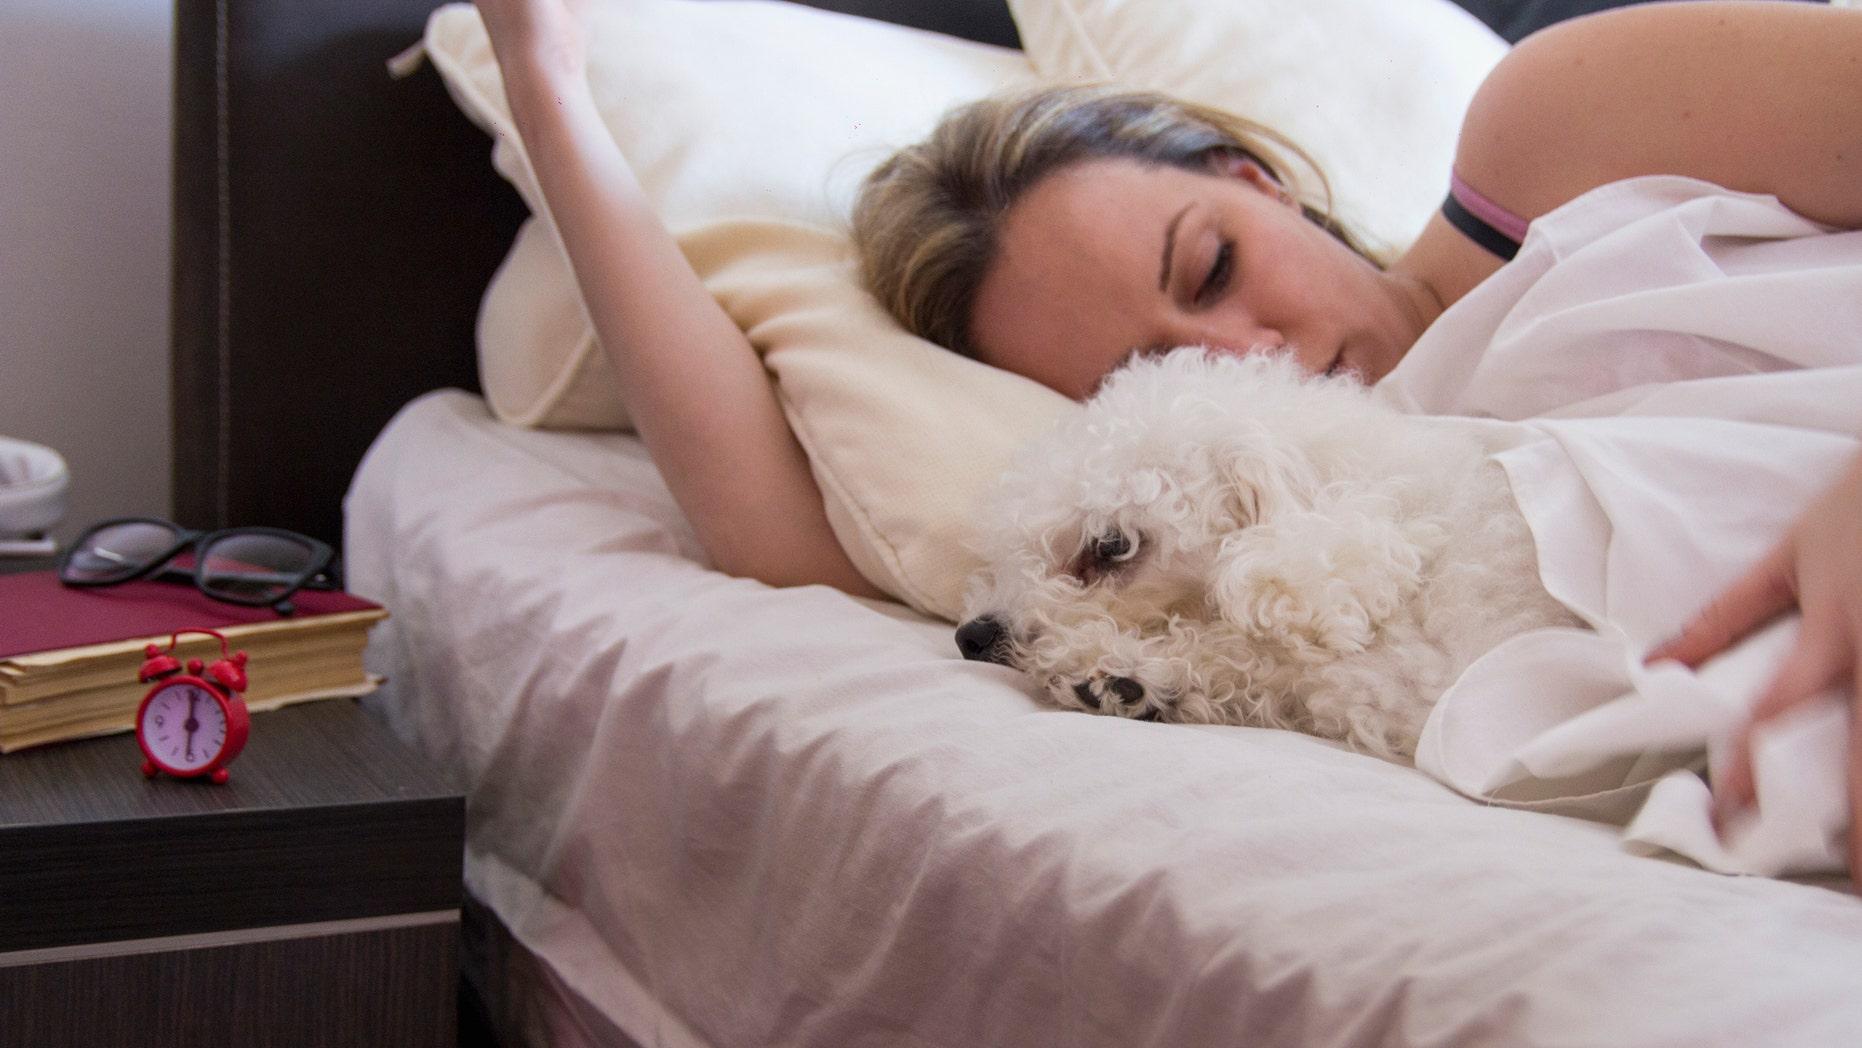 Women Sleep Better Next to Dogs Than Cats